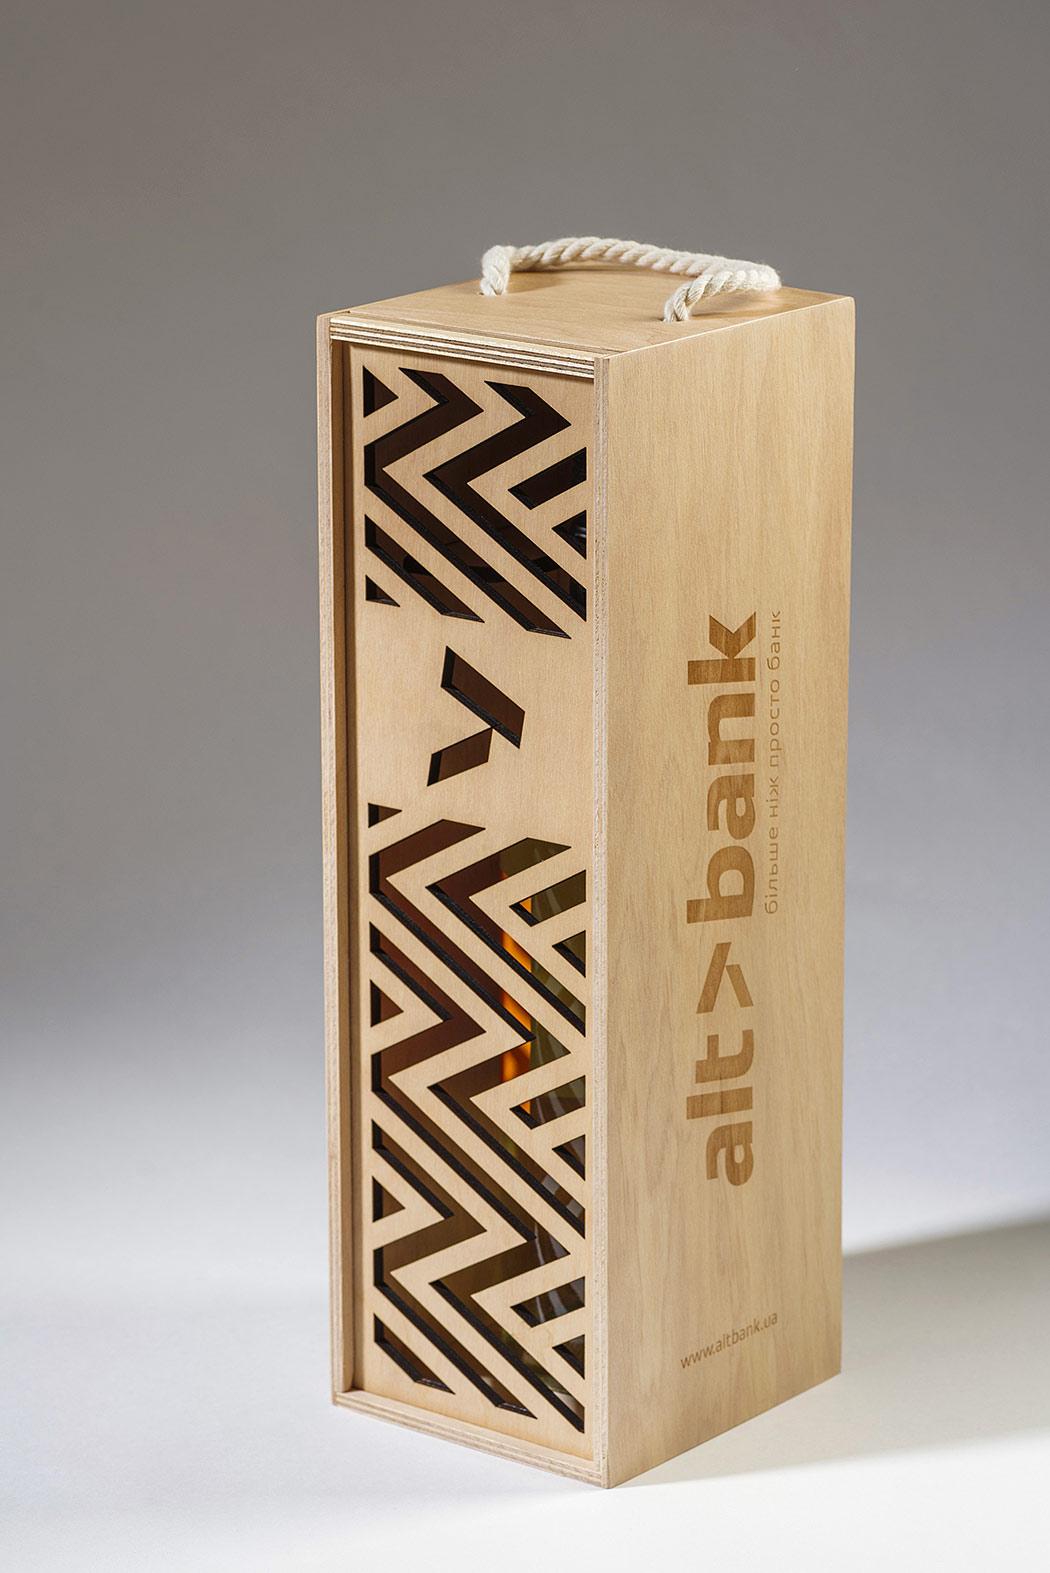 Подарункова коробка з фанери для пляшки вина. Дизайн орнаменту для фанерної коробки Altbank (Альтбанк).